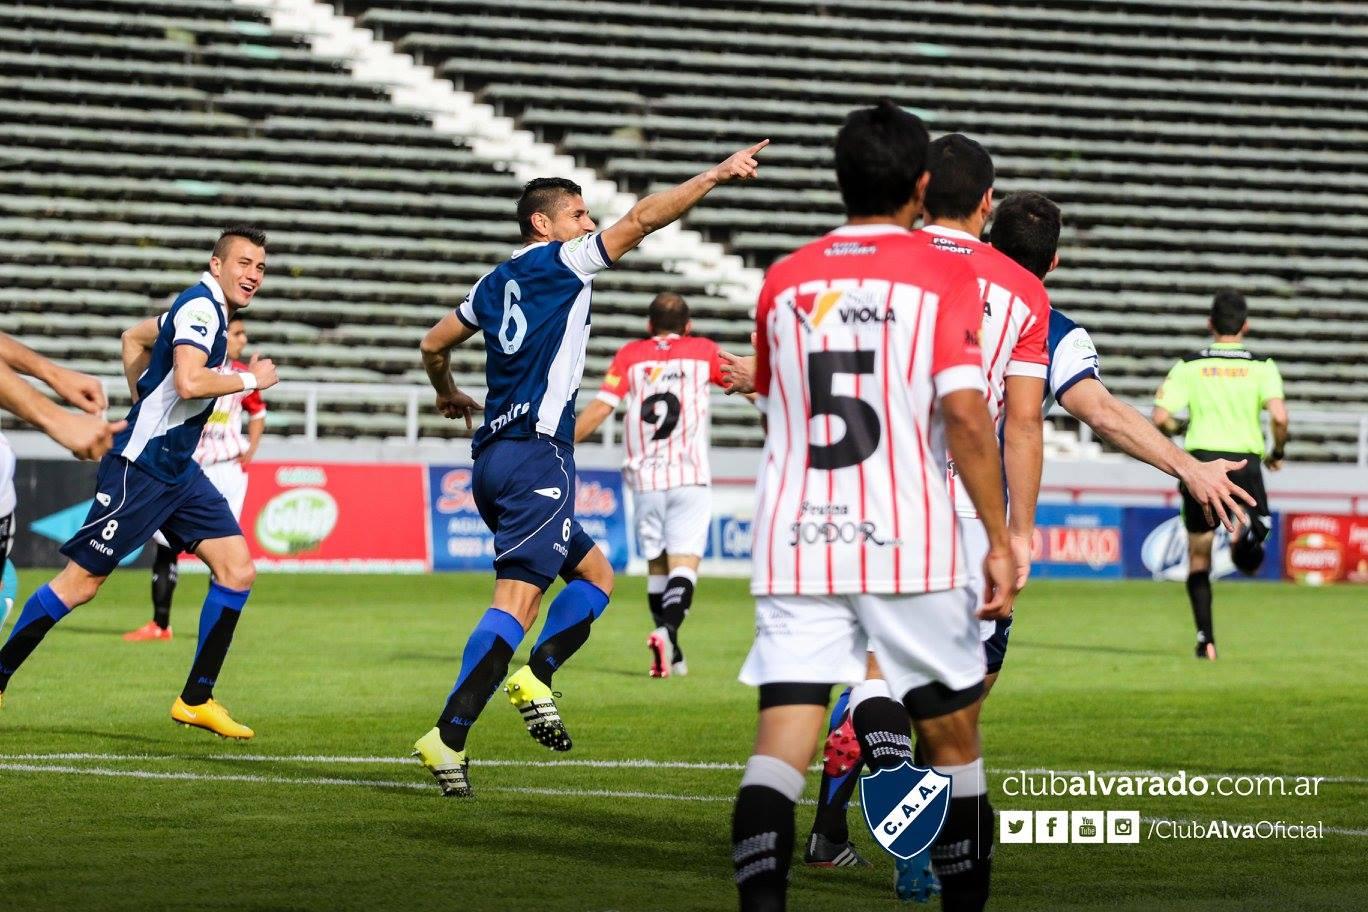 Gastón Martínez celebrando el gol con la dedicatoria especial para su novia que estaba en la tribuna. (Foto: Florencia Arroyos - Club Alvarado)